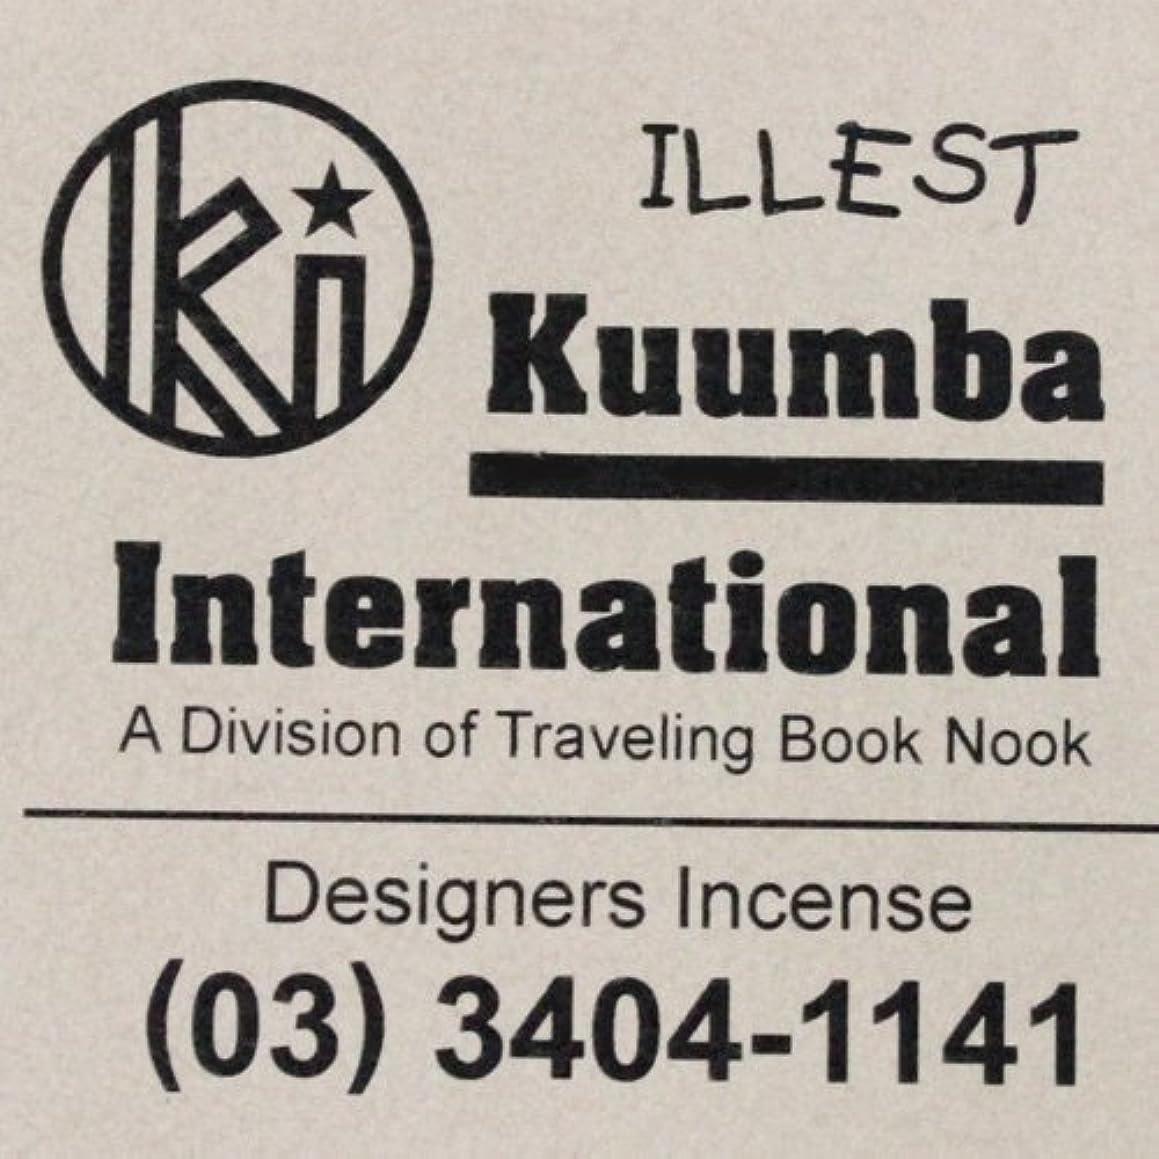 マナー憎しみうぬぼれKuumba(クンバ)『incense』(ILLEST) (Regular size)